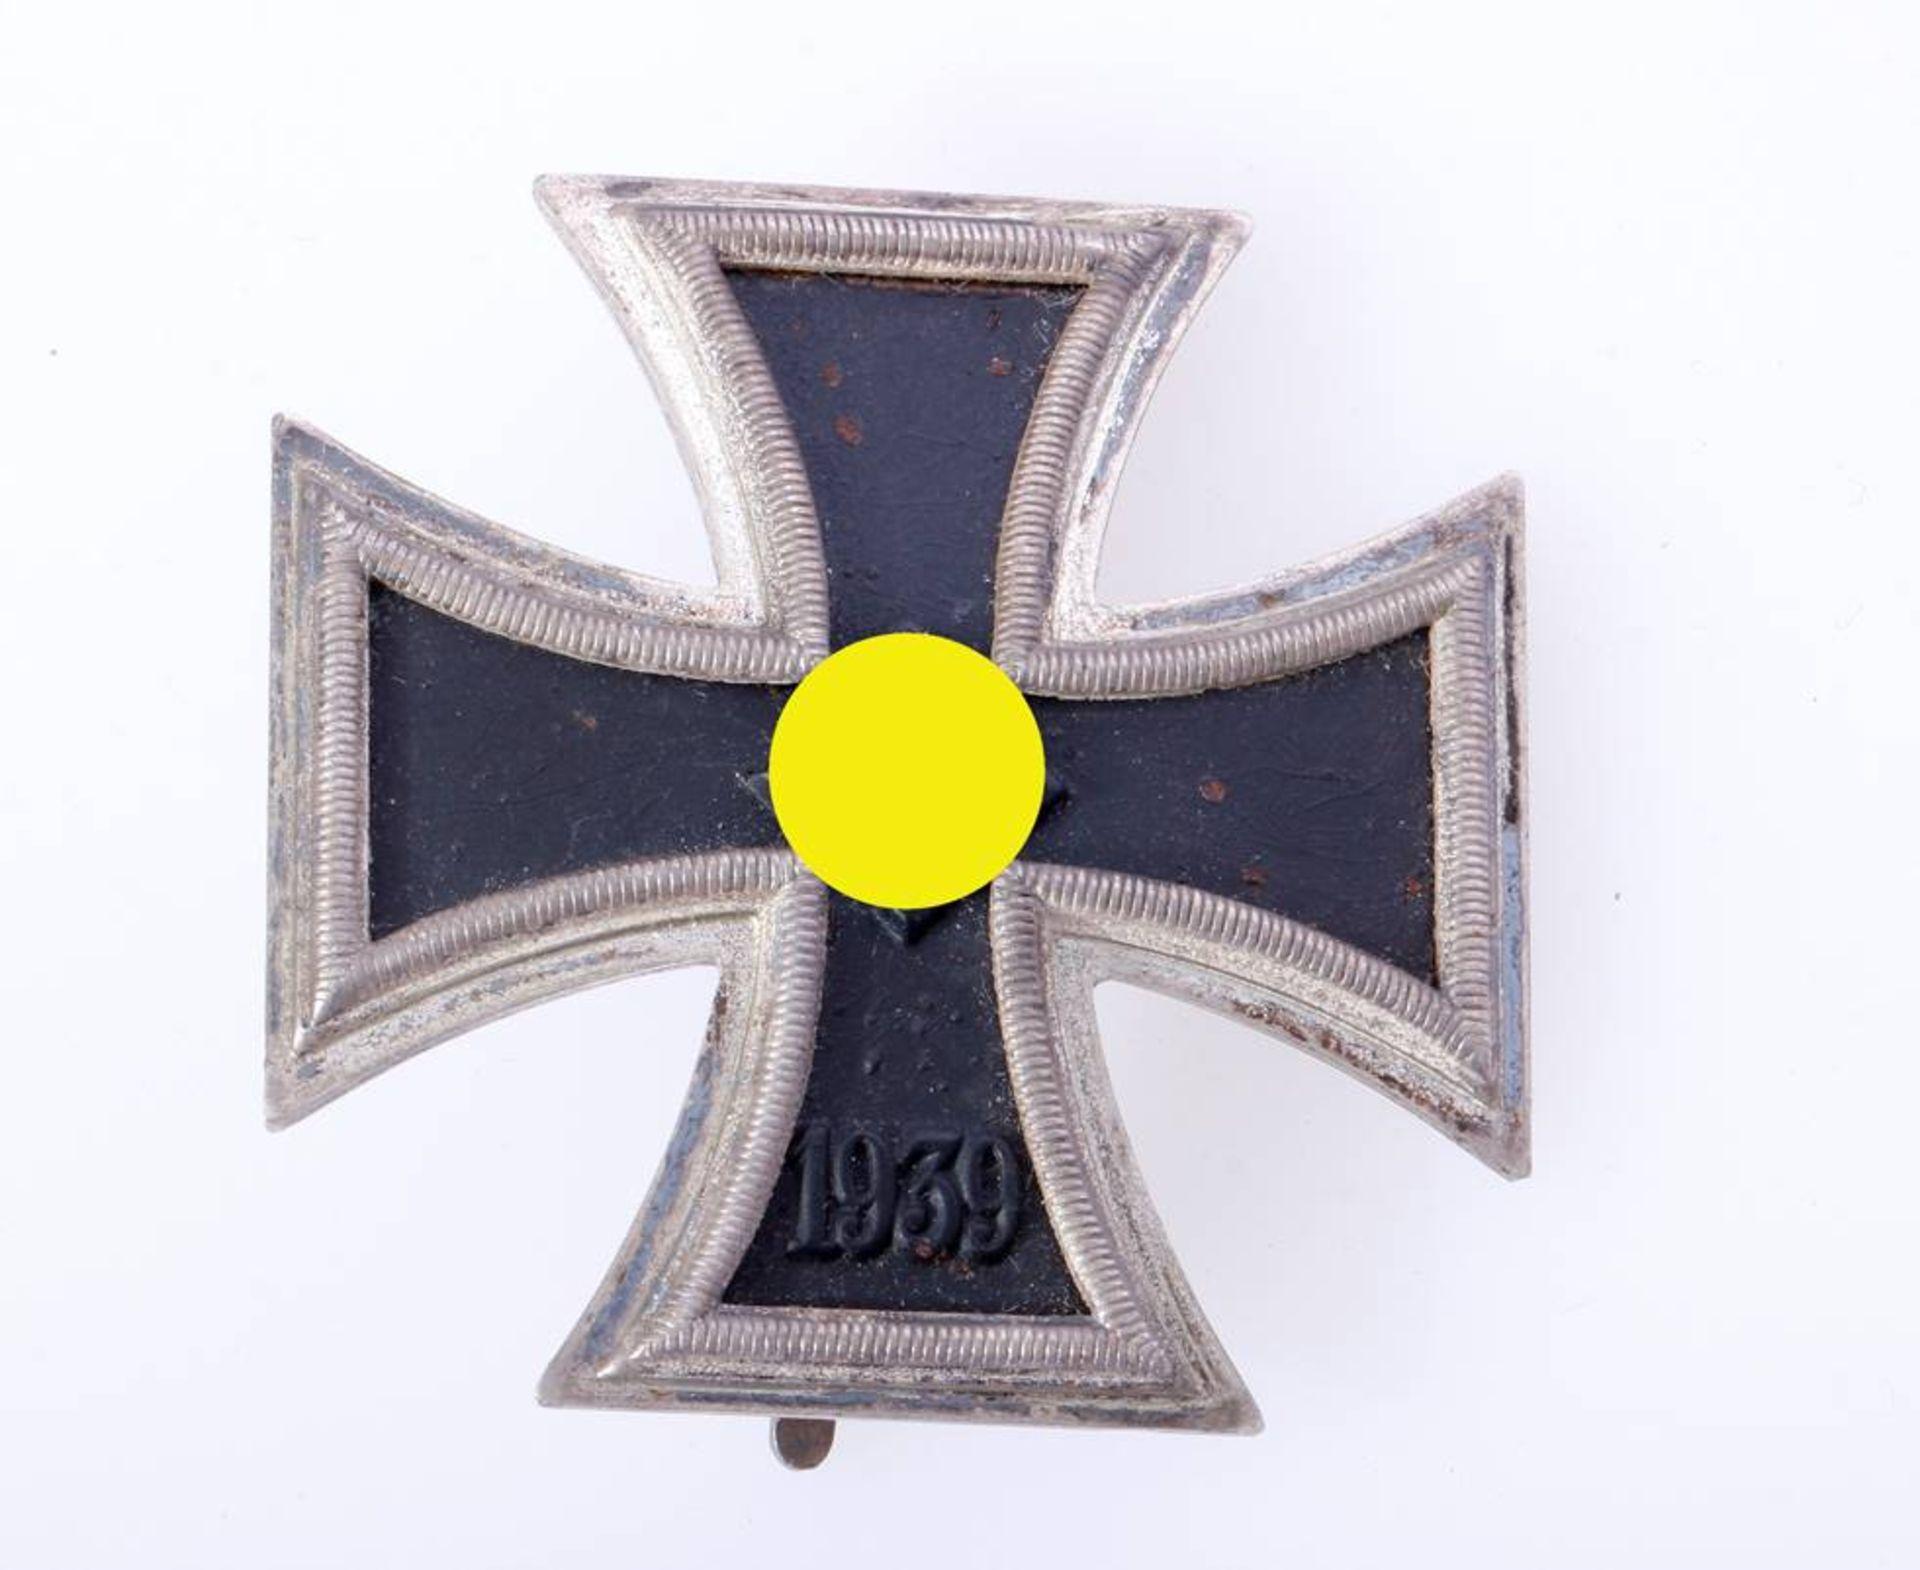 Eisernes Kreuz 1. Klasse 1939Kreuz an Nadel mit Herstellerkennung L/52 und 20. Kernschwärzung